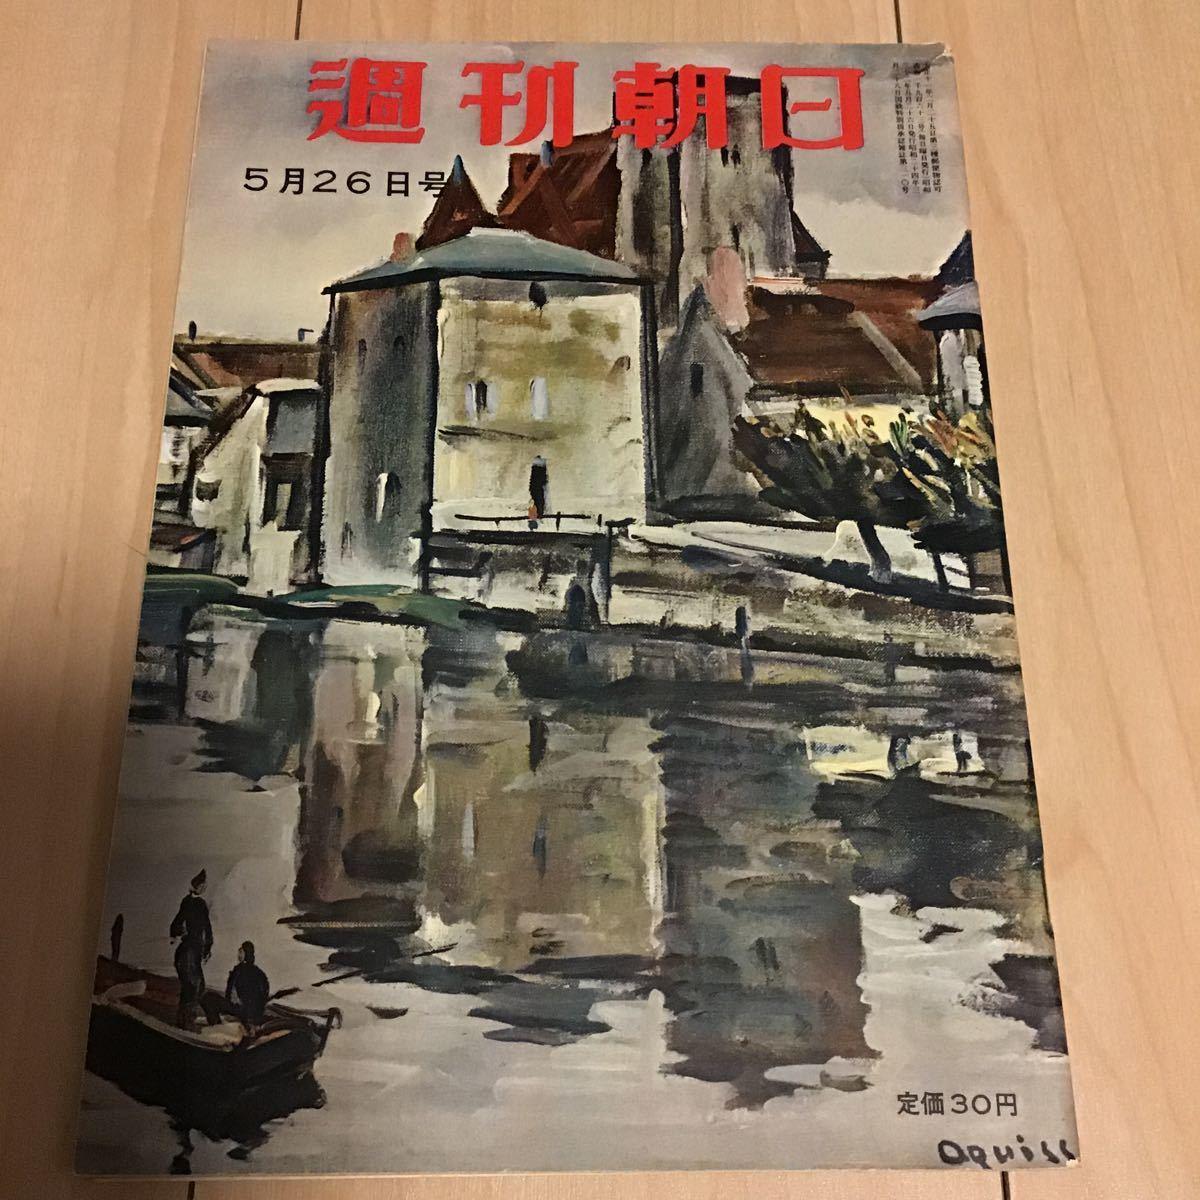 週刊朝日 昭和32年5月26日号 1957年 表紙 荻須高徳 セーヌの釣人 / 牛山喜久子_画像1